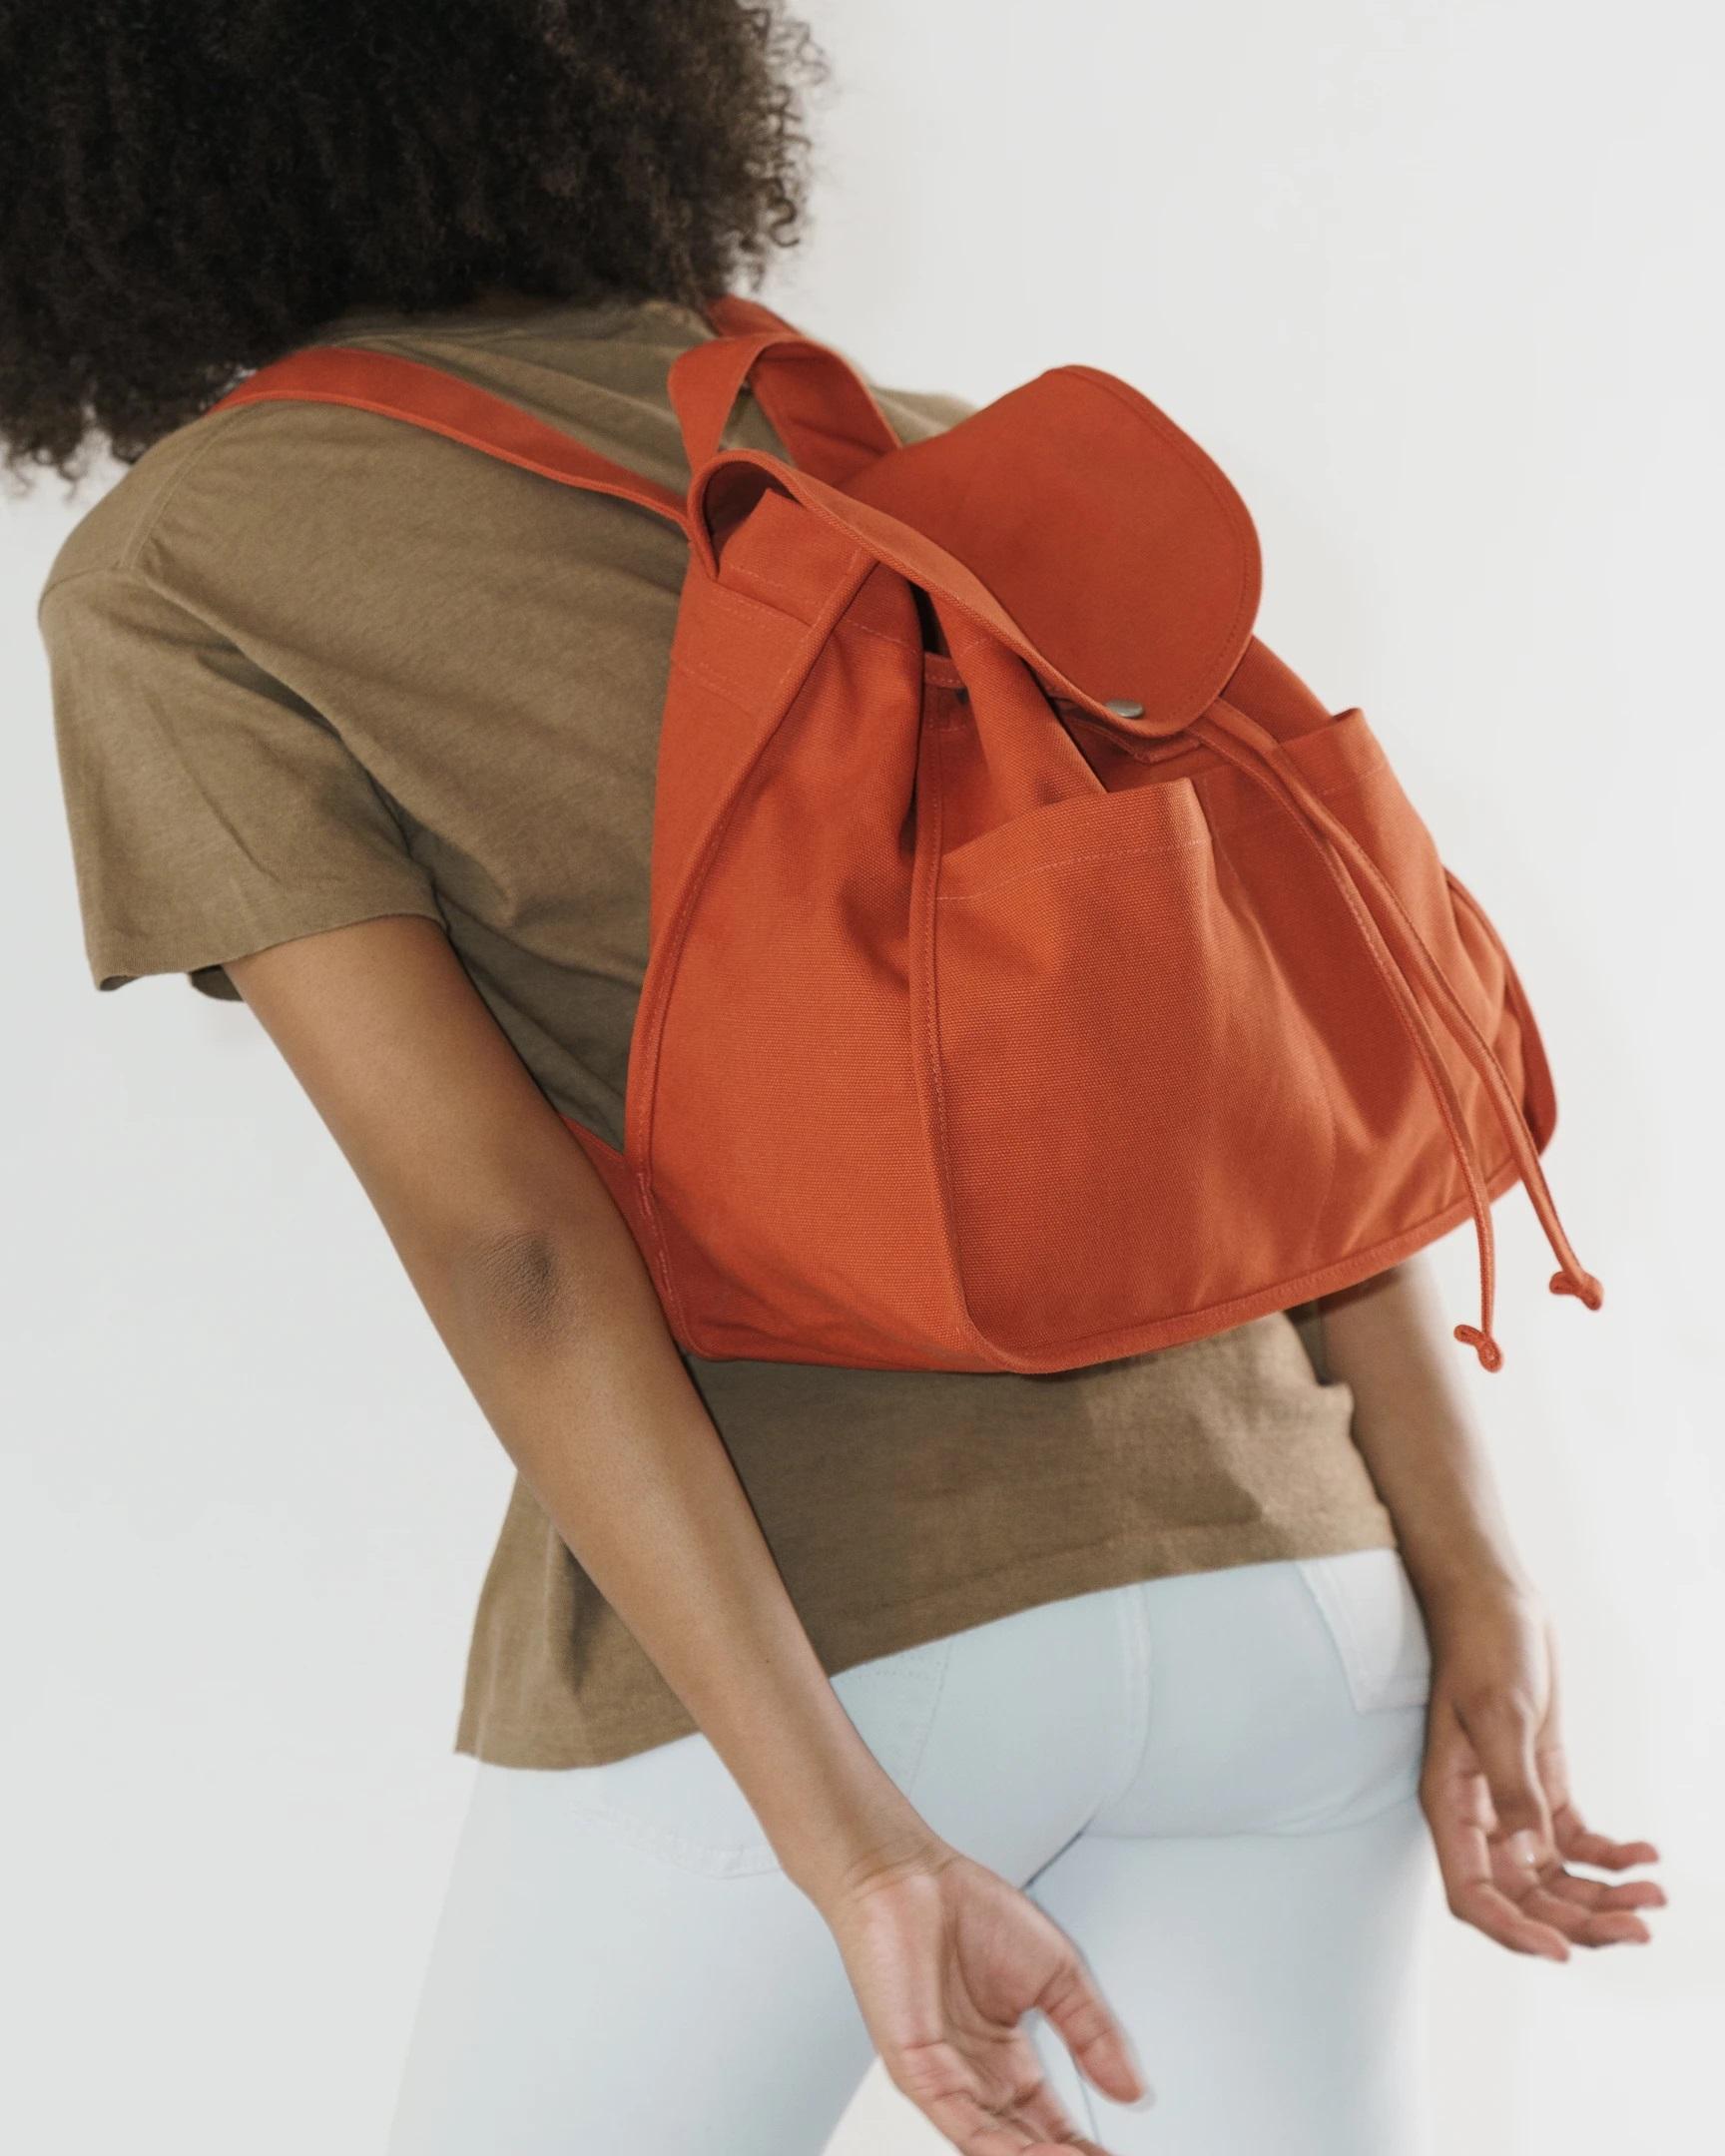 BAGGU - Drawstring Backpack, Sienna